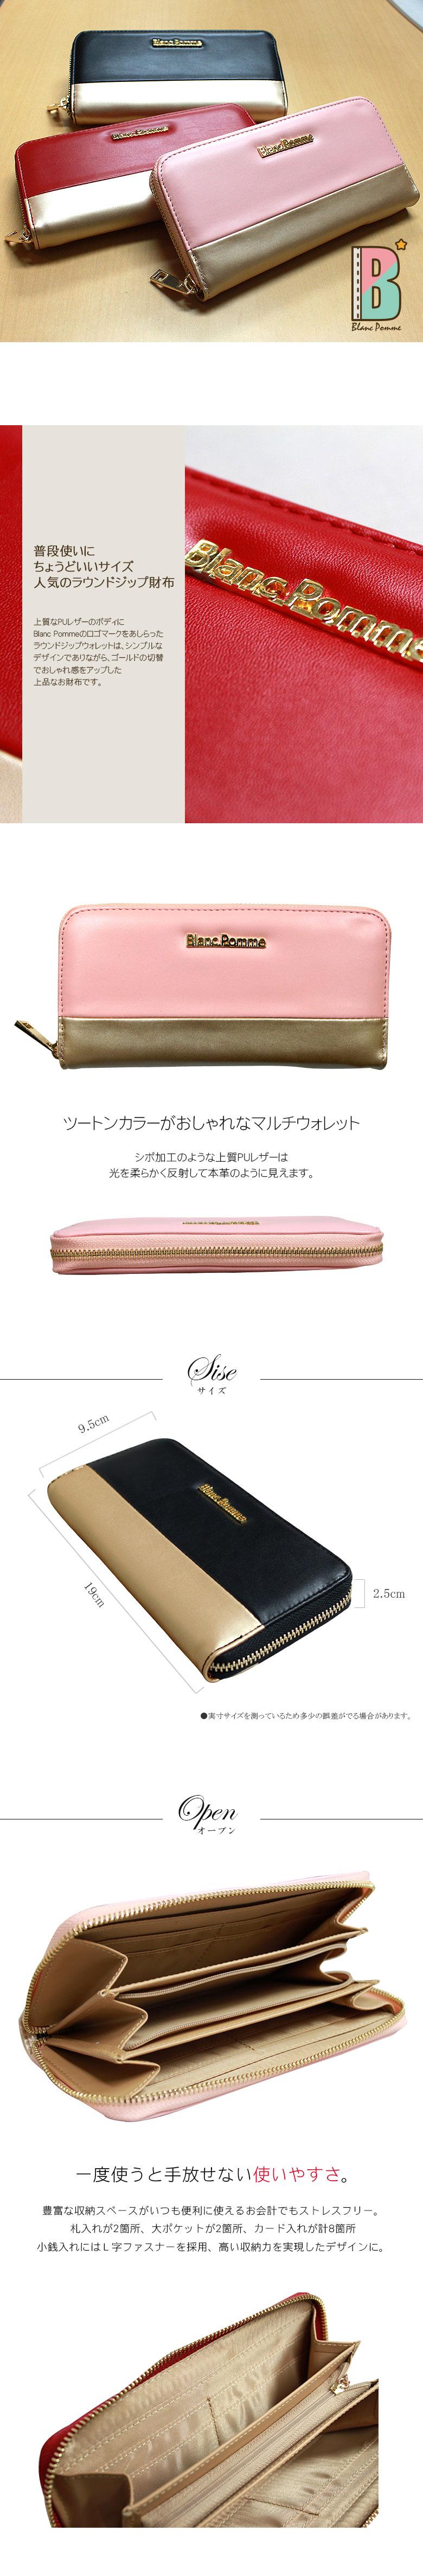 財布 通販 バイカラー ロングウォレットライトピンク・レッド・ブラック 合成皮革